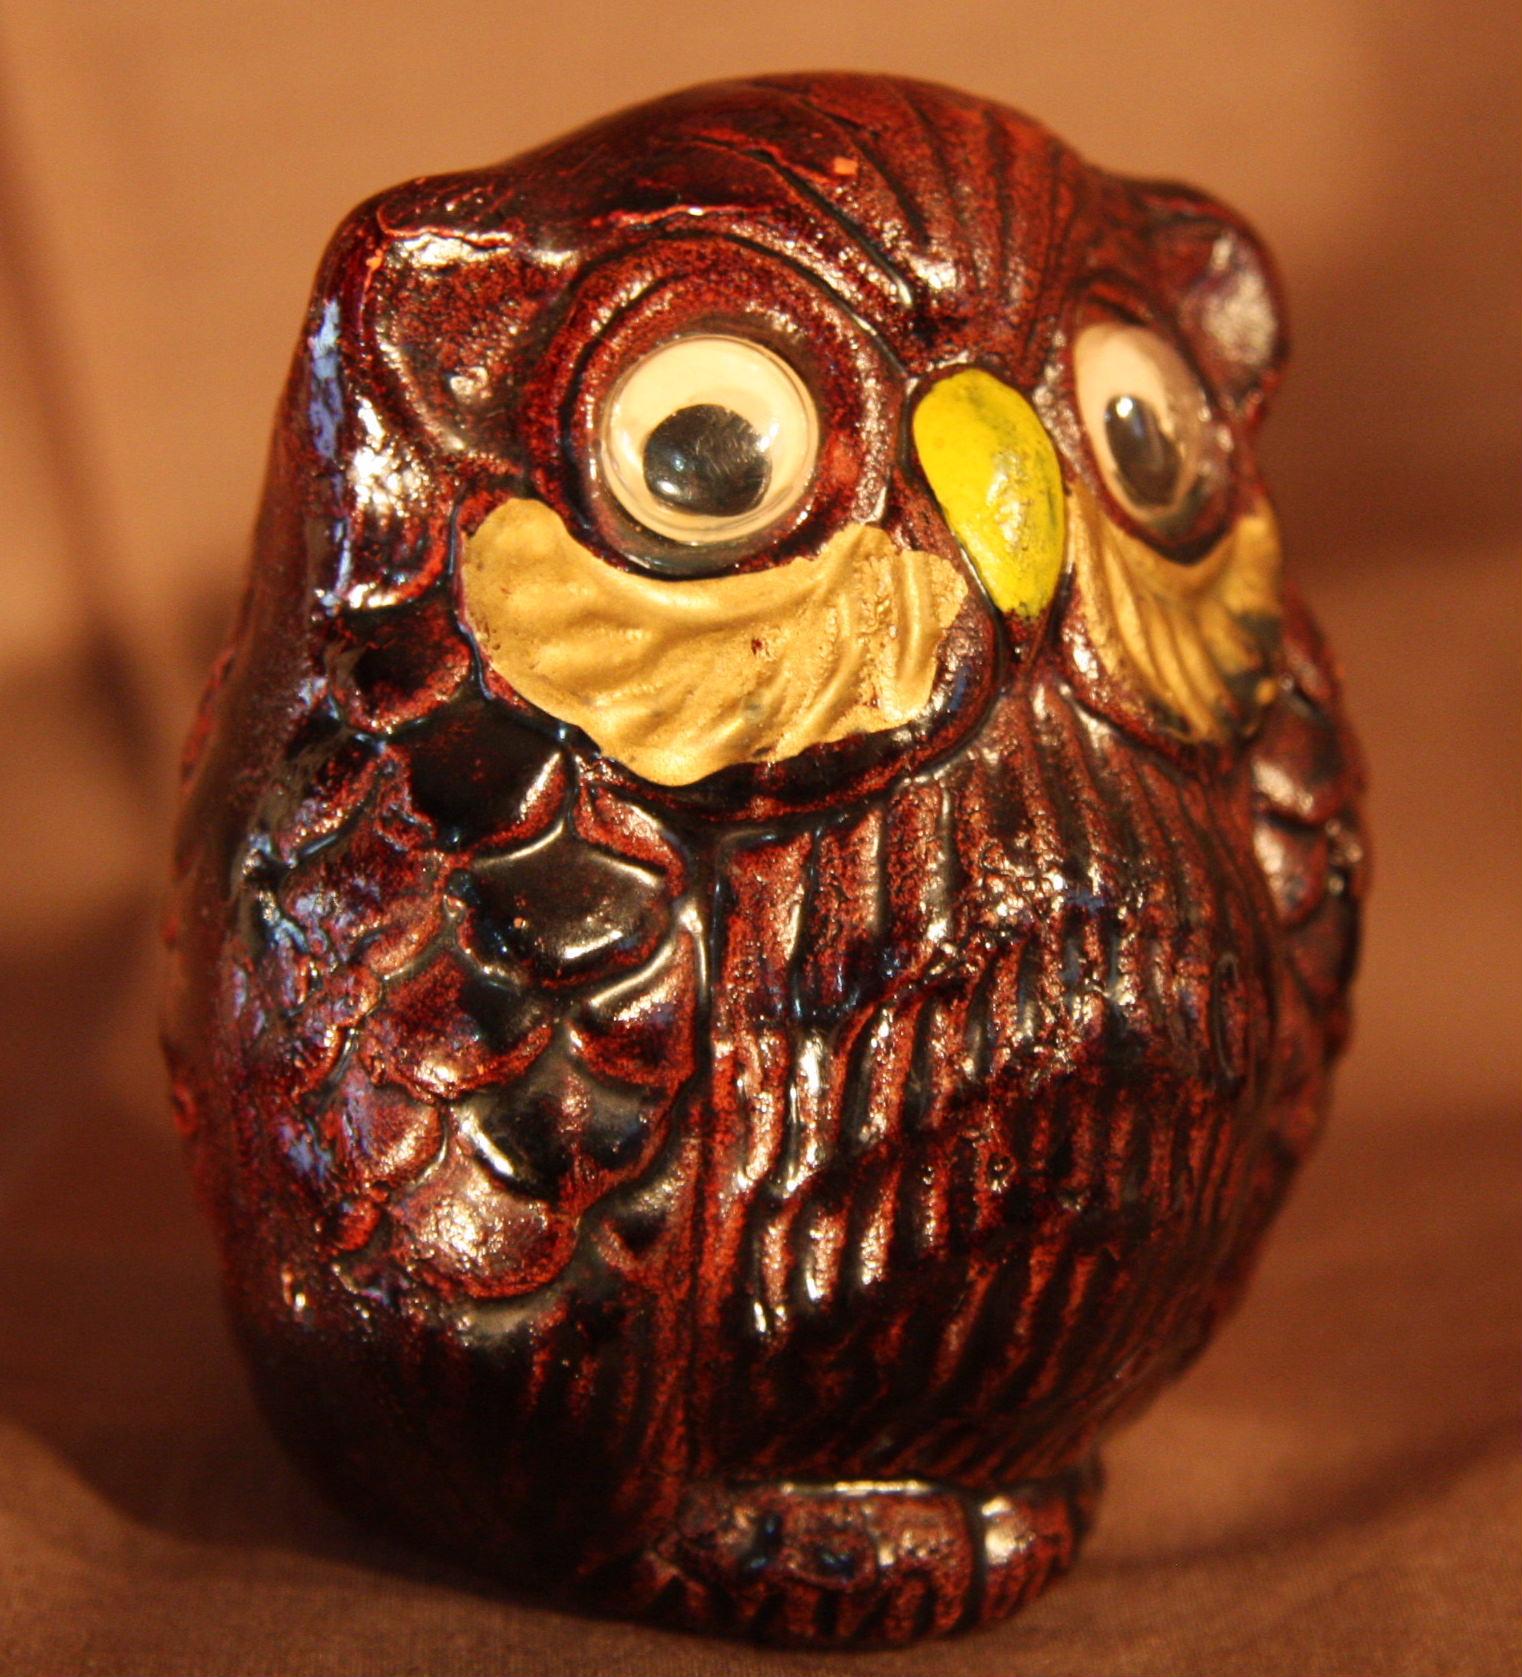 フクロウ 陶器製 1950〜1960年代くらい?笛 【AJ1093】